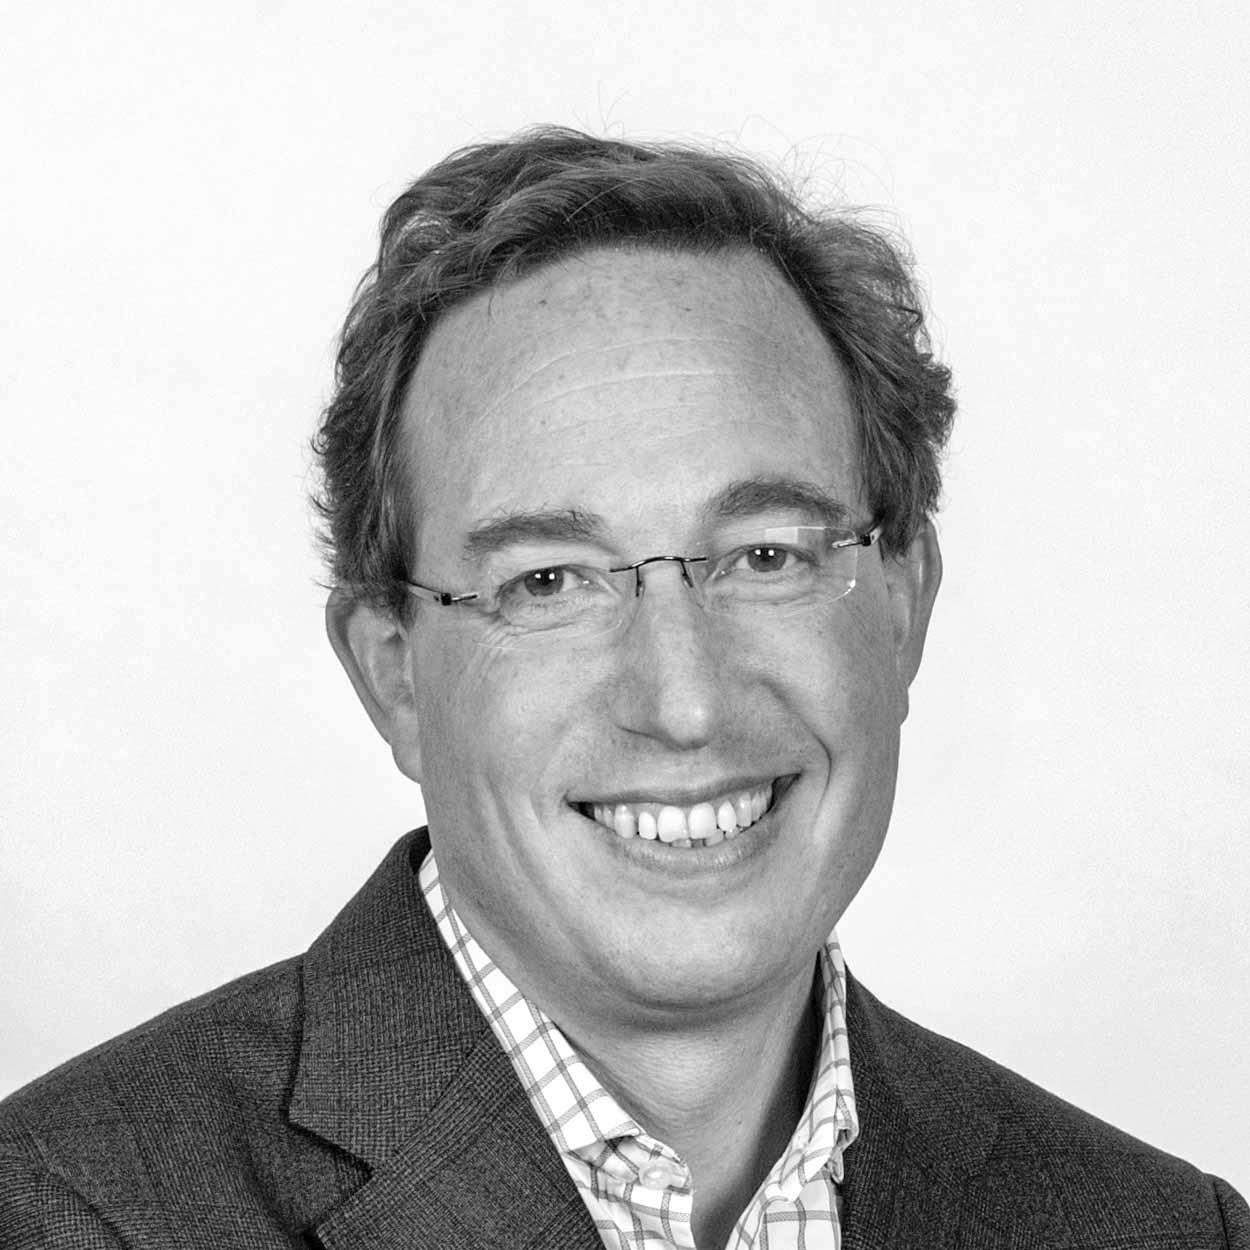 Nicolas van Klinkenberg